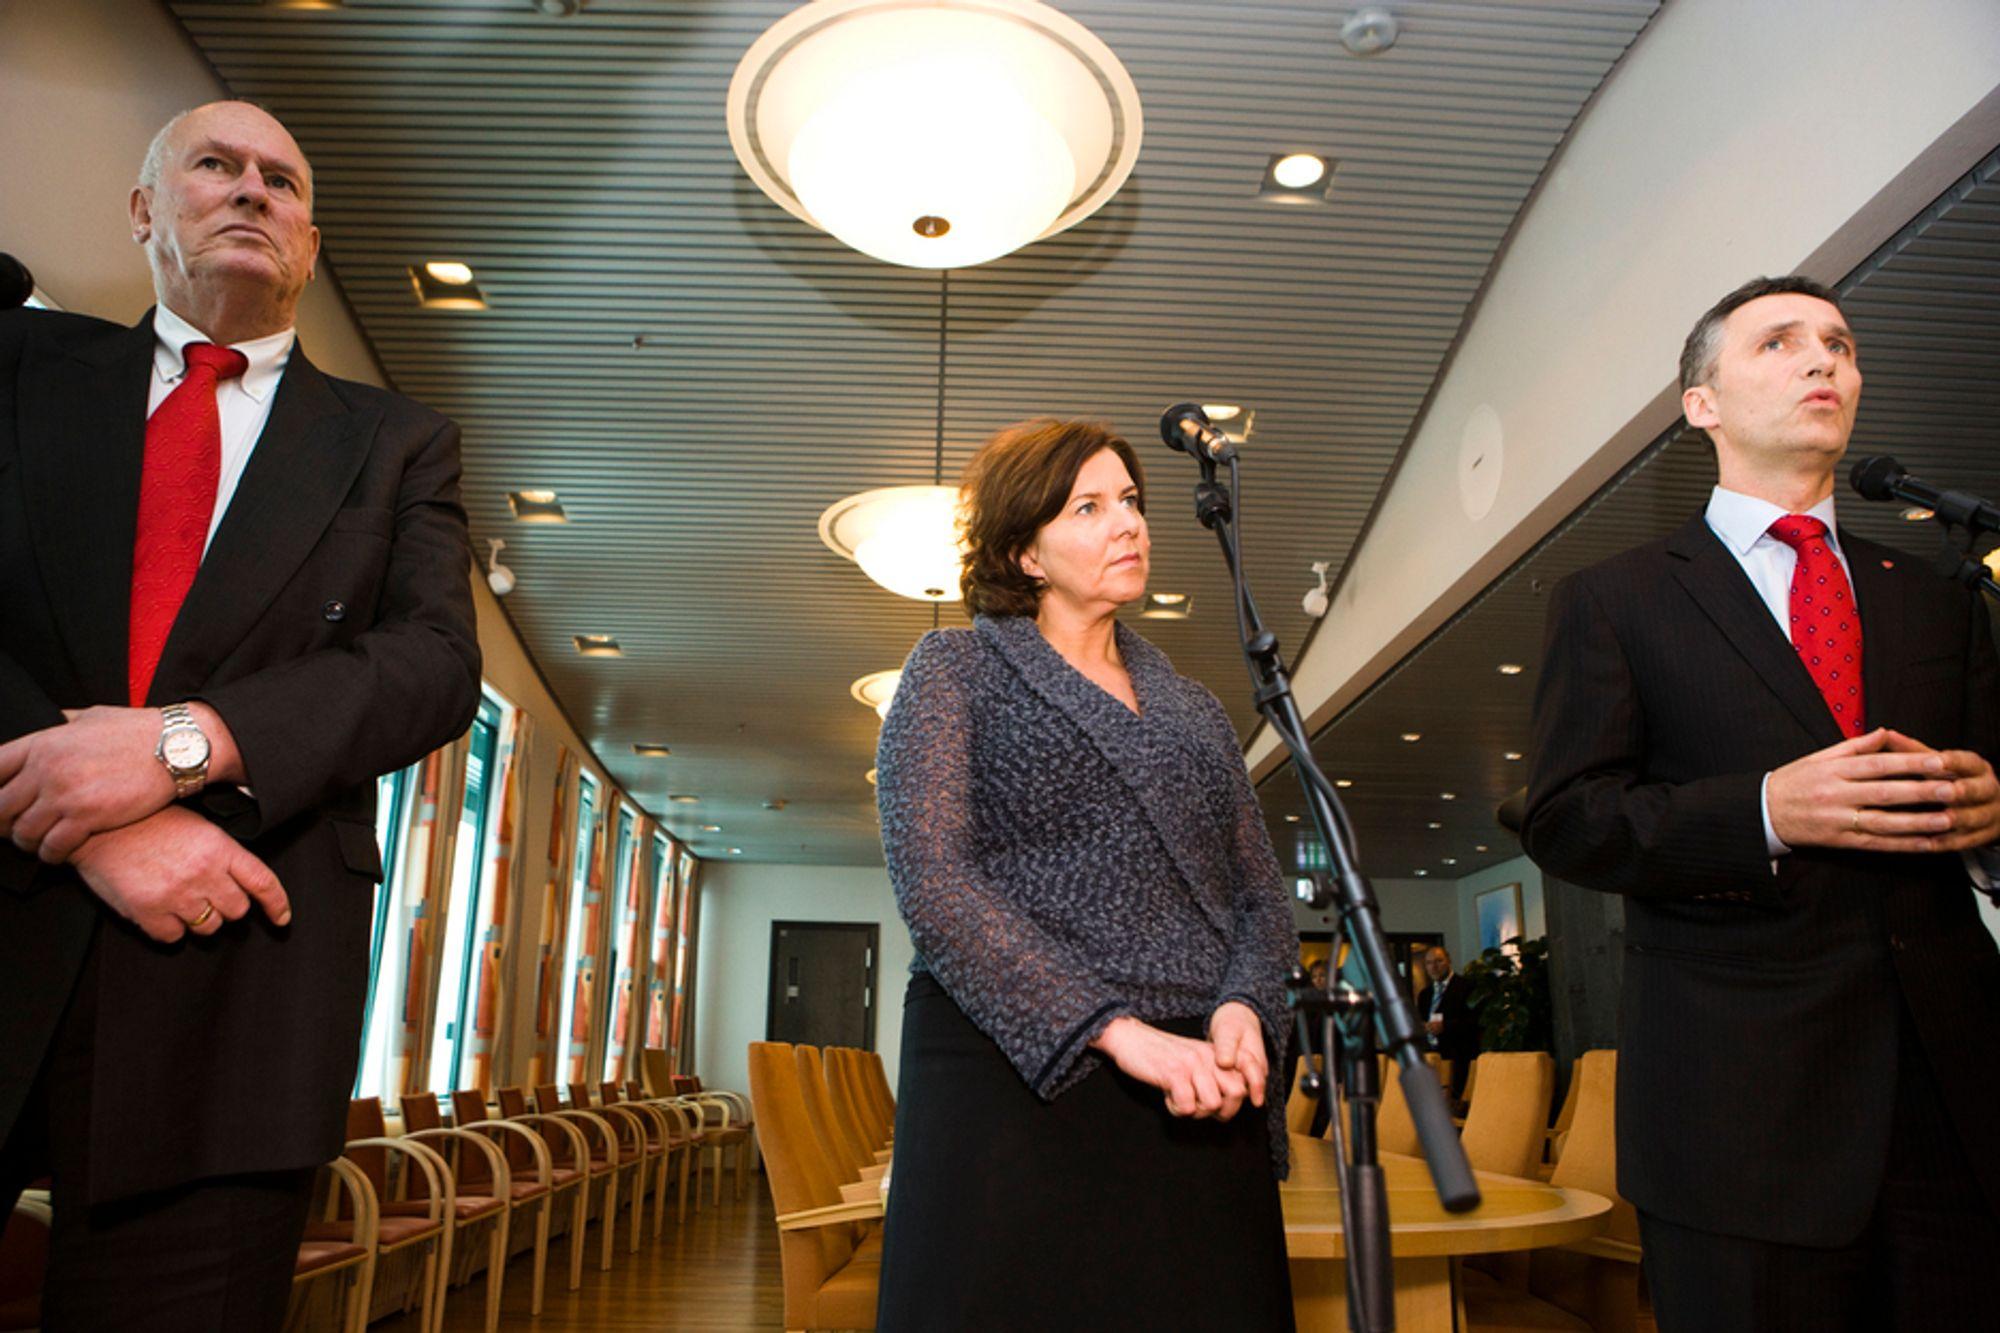 LO-leder Roar Flåthen, arbeidsminister Hanne Bjurstrøm og statsminister Jens Stoltenberg ga sine reaksjoner på sykefraværsrapporten på statsministerens kontor i dag.